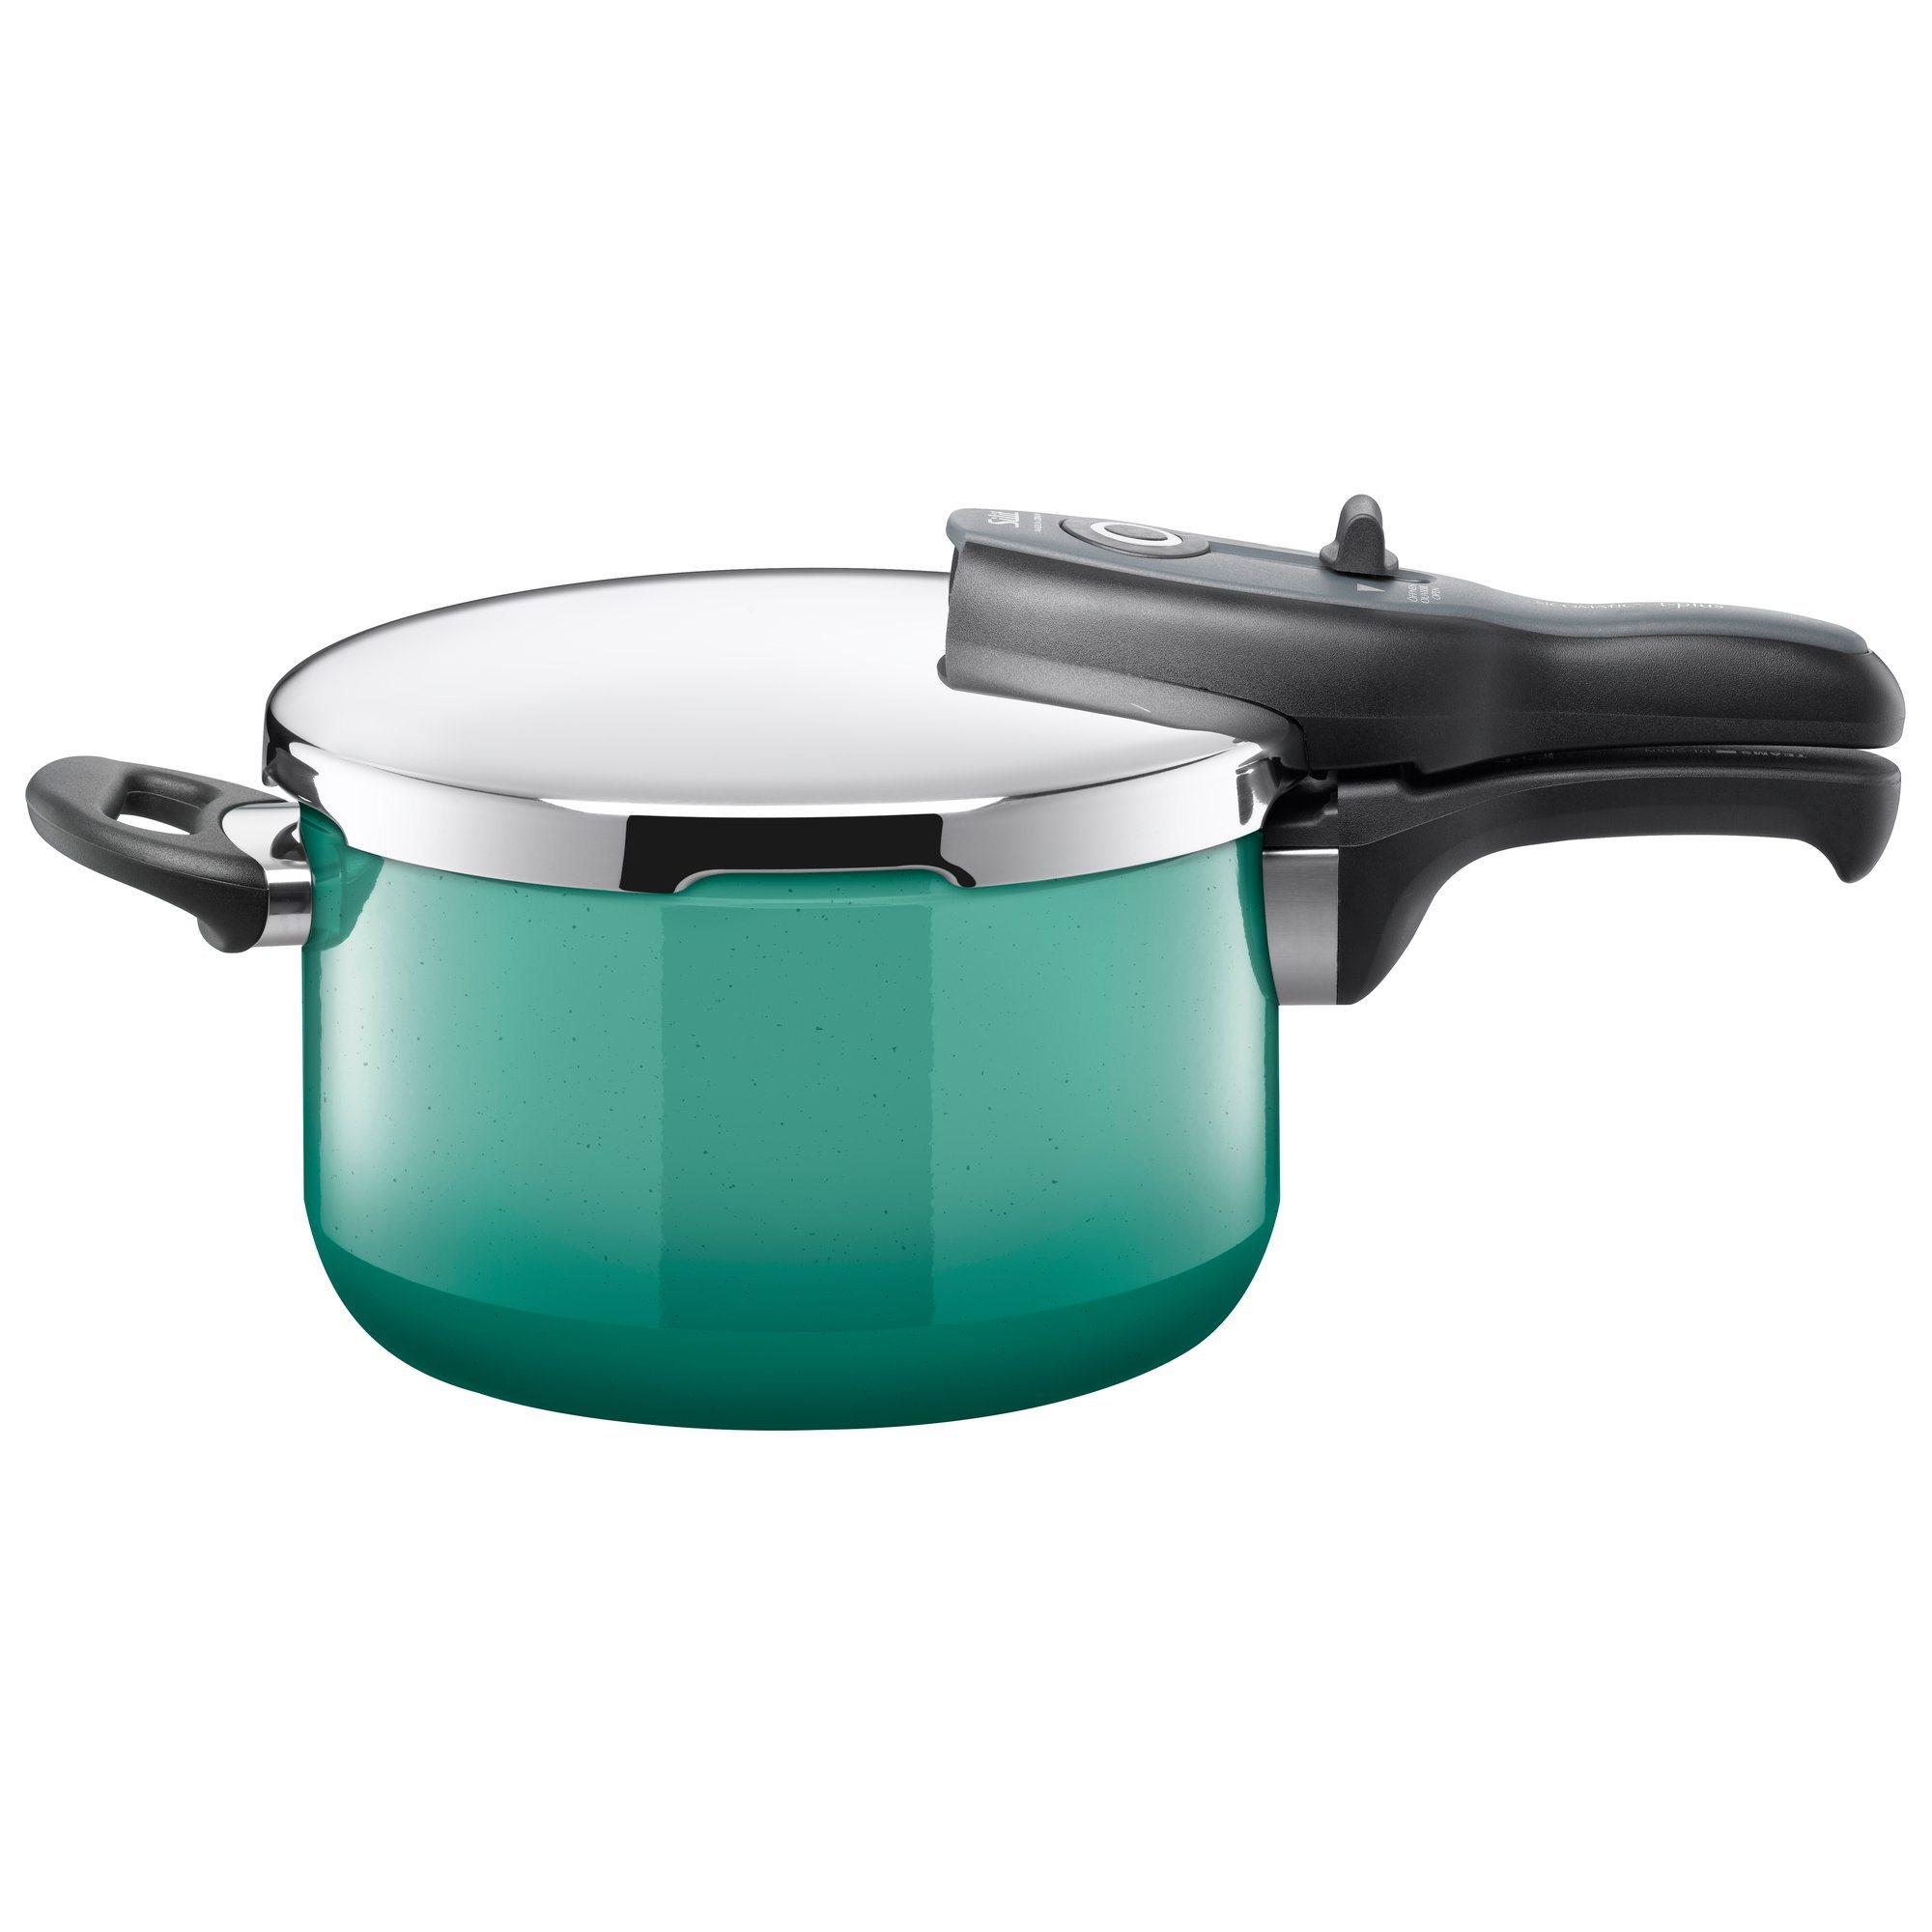 Schnellkochtopf Moderne Küche: Schnellkochtopf Silit Einsatz Preisvergleich • Die Besten